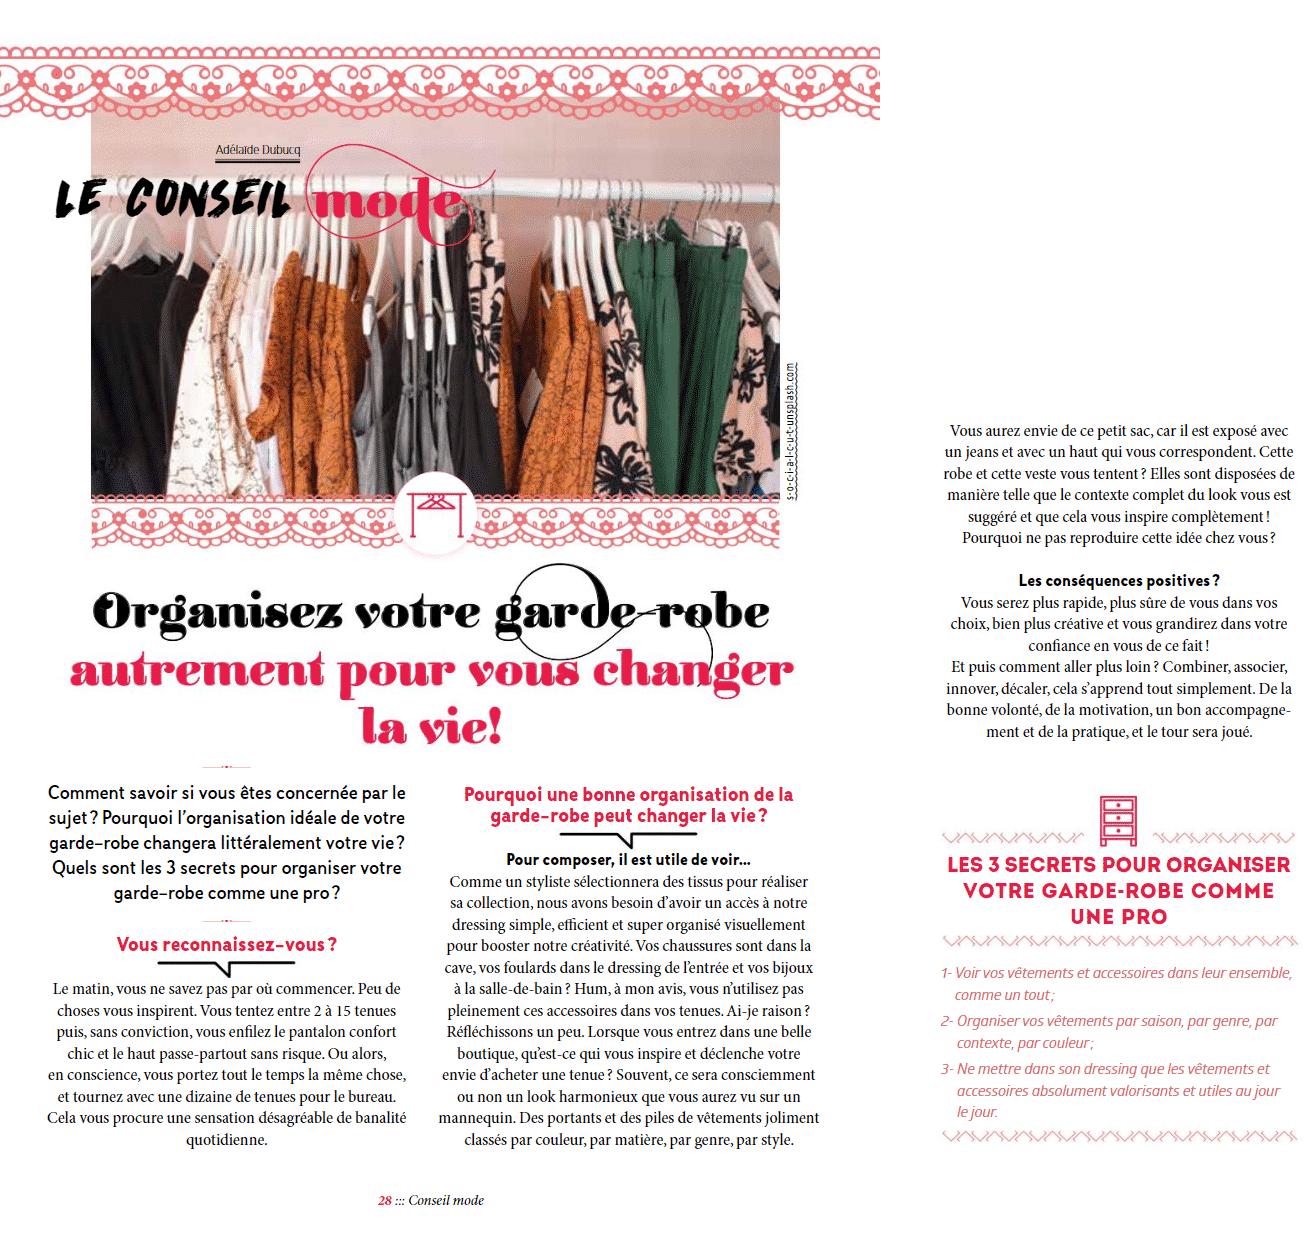 CONSEIL MODE 2019 Janette Magazine Luxembourg Adelaide Dubucq Organisez-votre-garde-robe-autrement-pour-vous-changer-la-vie Journaliste mode